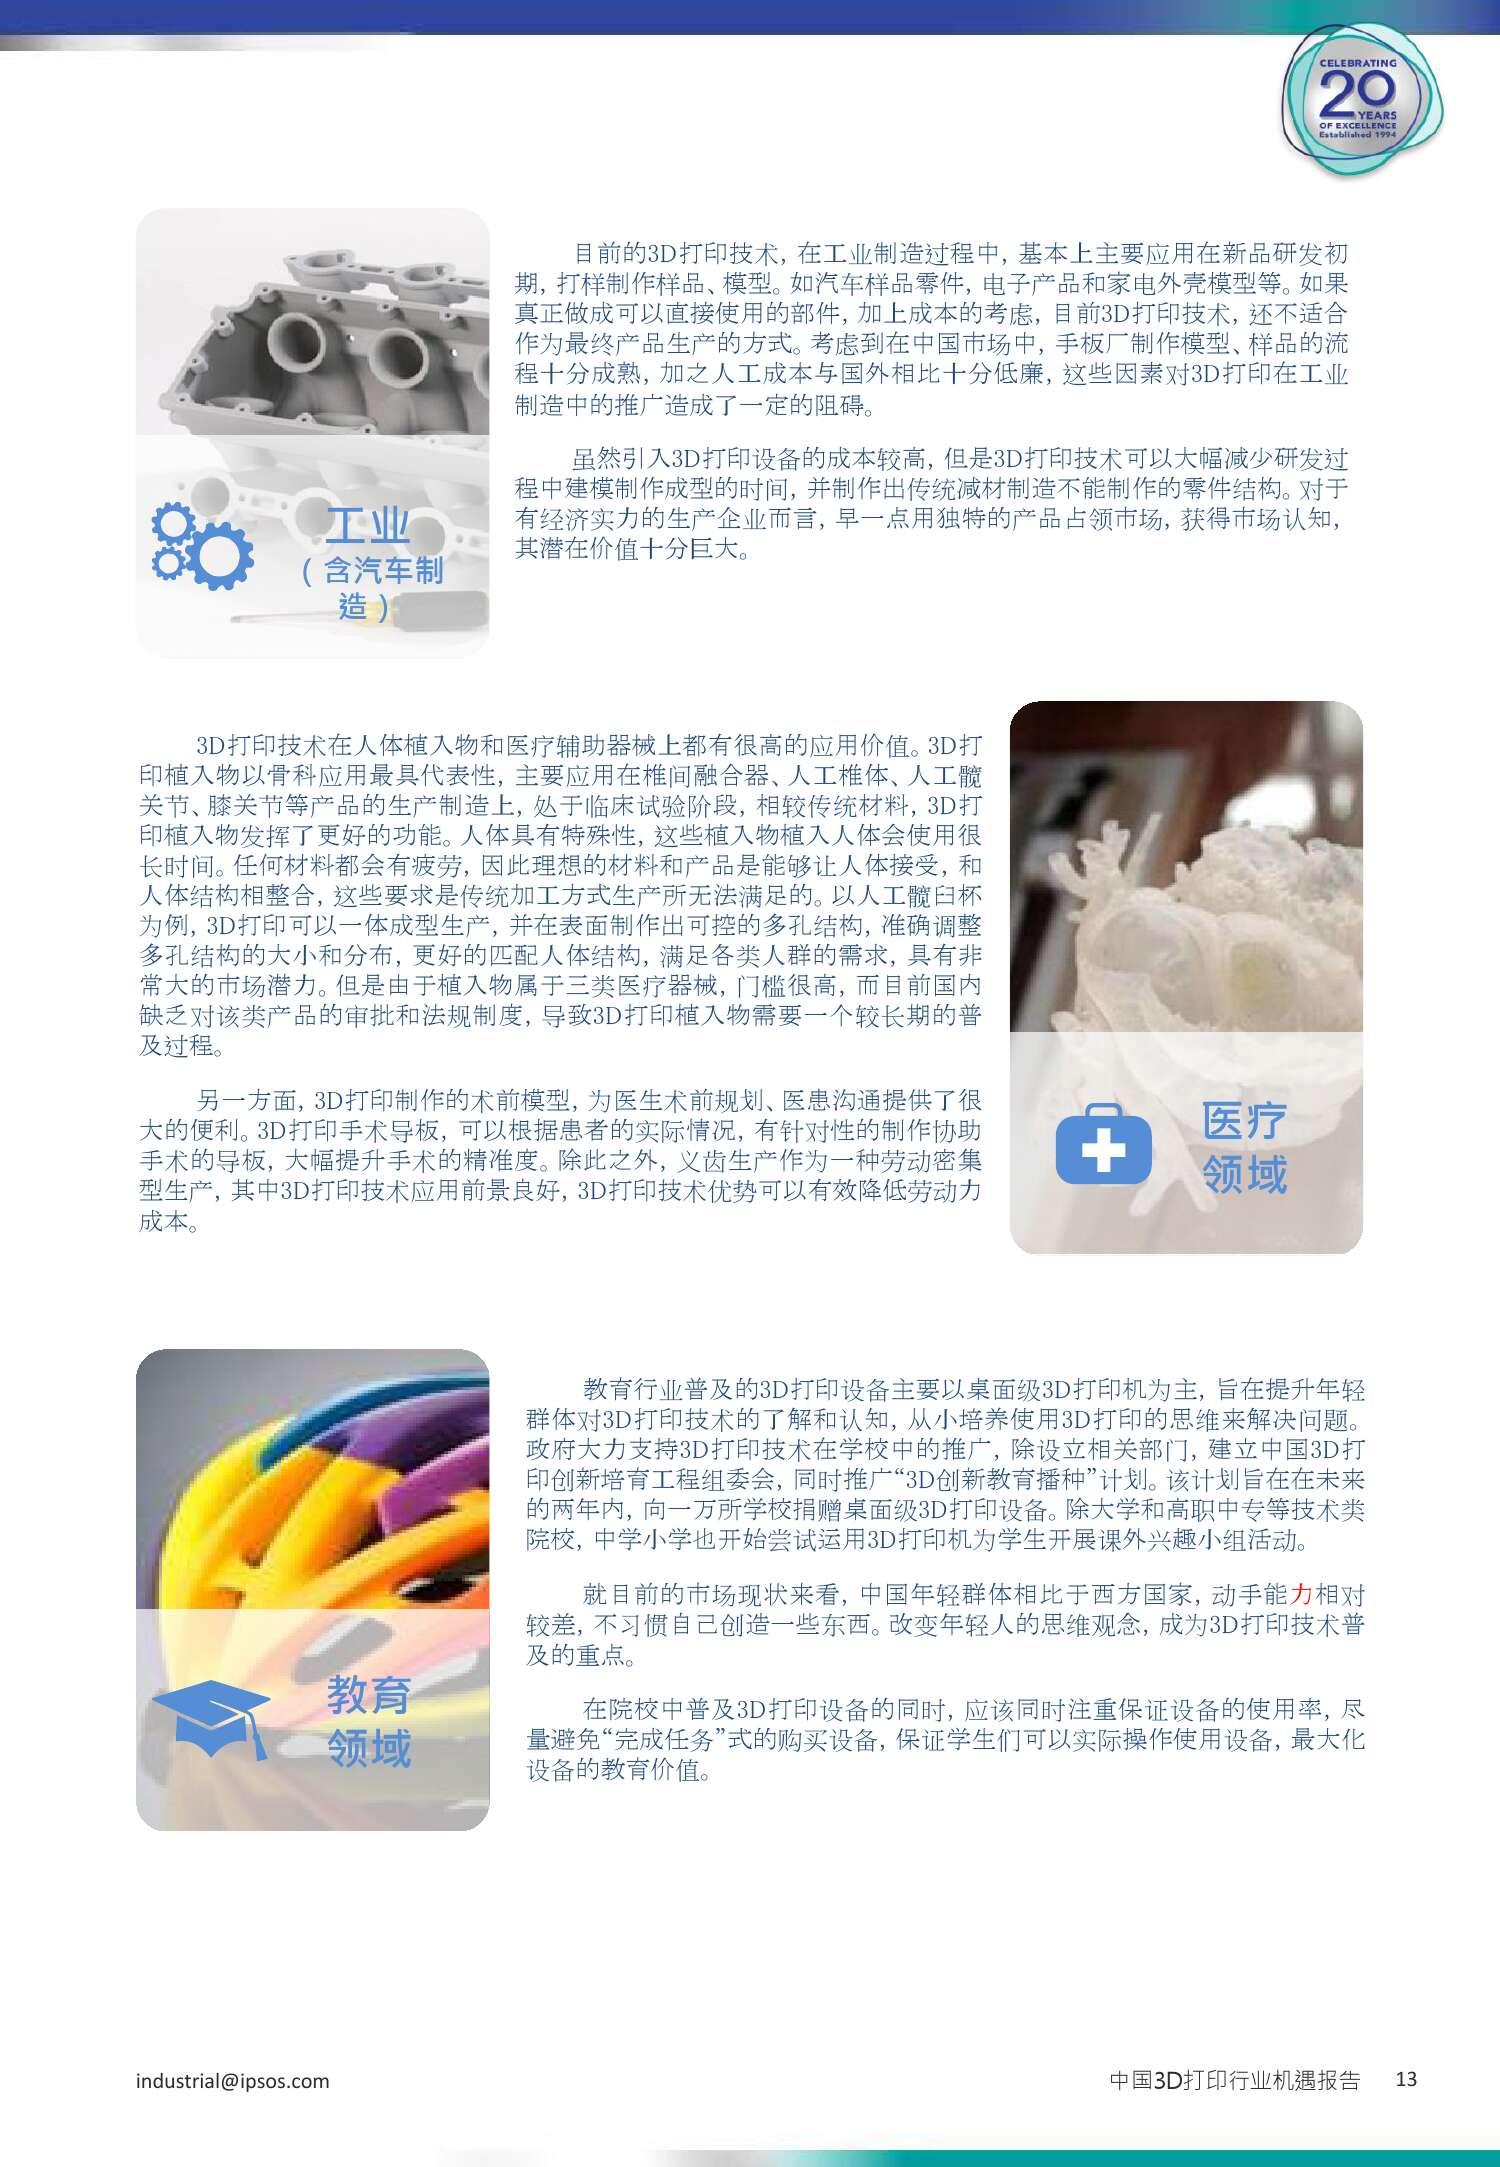 3D打印行业机遇报告_000013